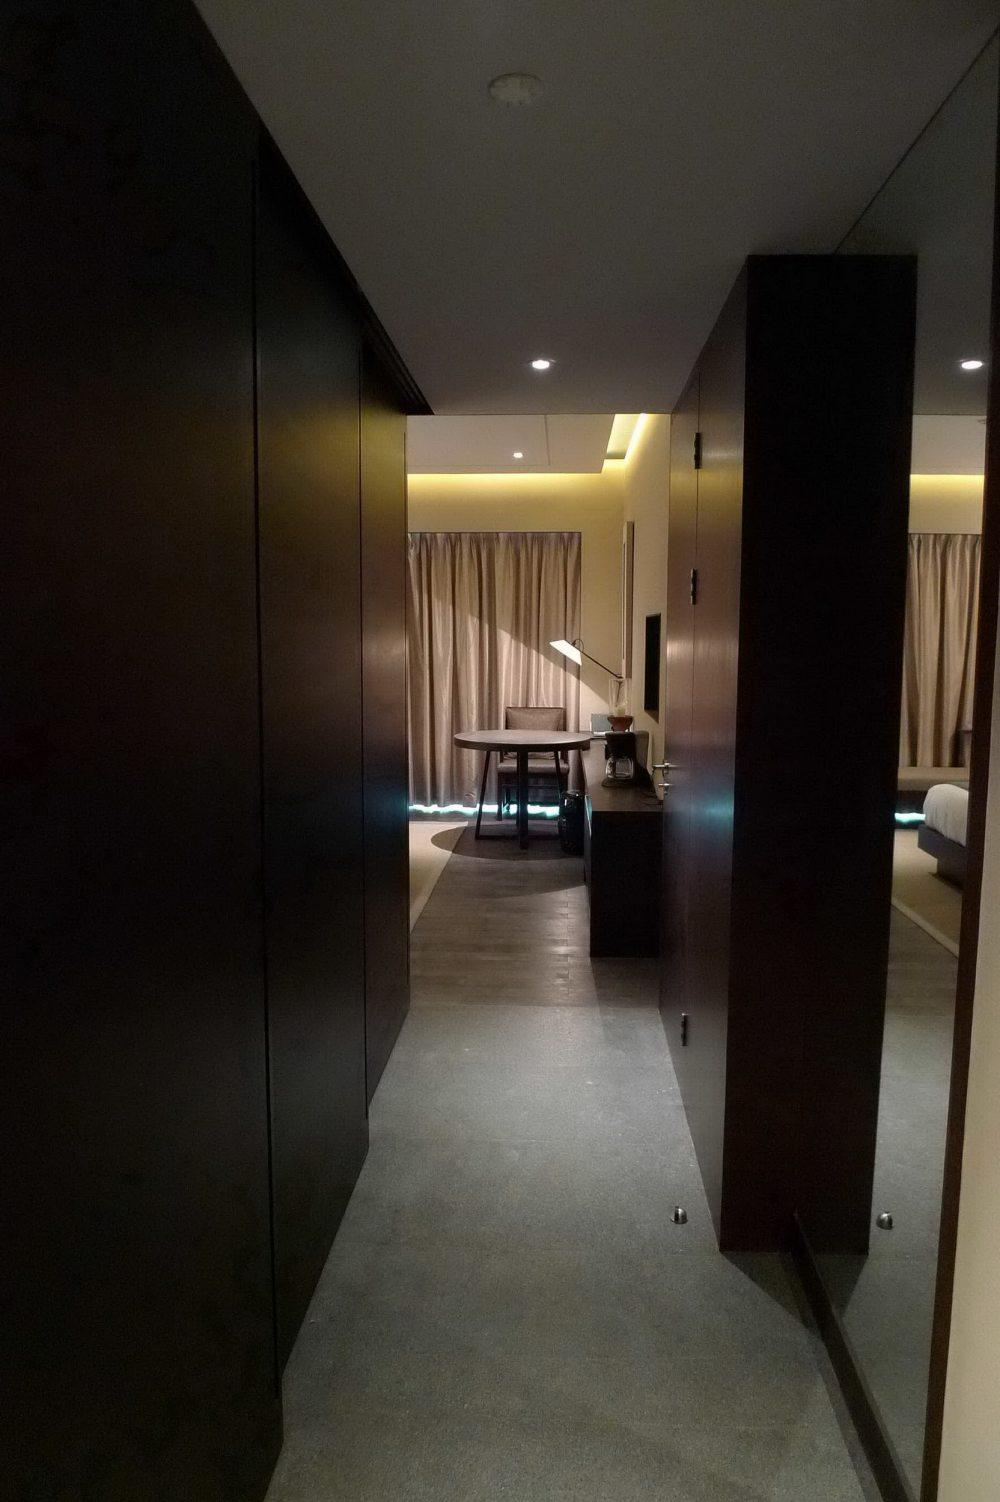 云南丽江铂尔曼渡假酒店(Lijiang Pullman Hotel)(CCD)(第8页更新)_P1010709.jpg